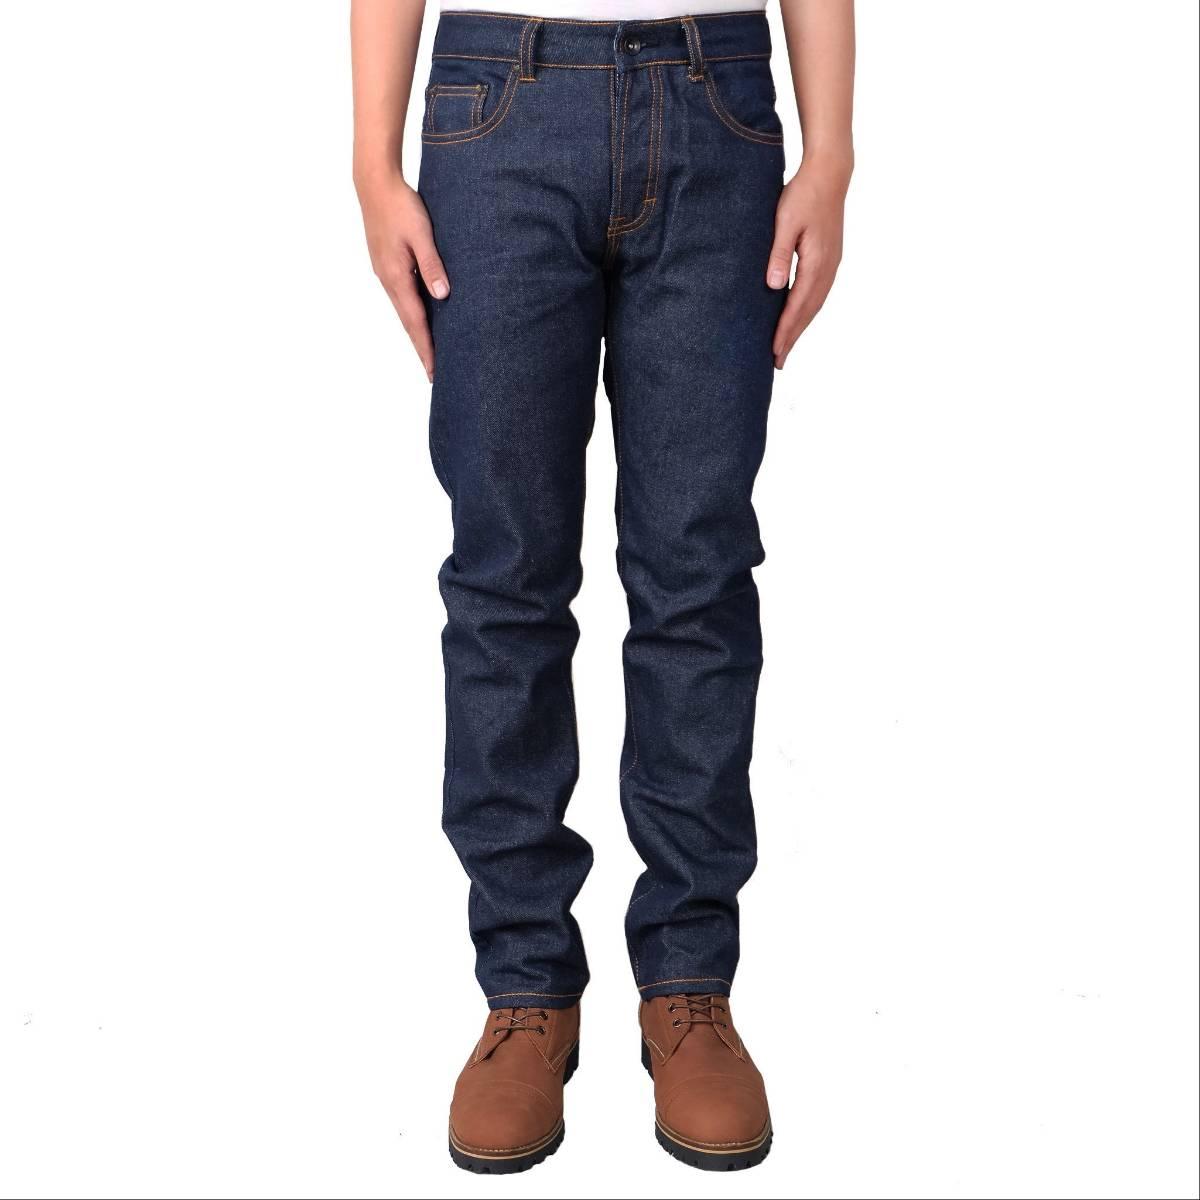 Celana Panjang Jeans Street Wanderers Dry Rigid I Sentral Online Eagle Stallion Sepatu Jogging Grey Beige 41 I1